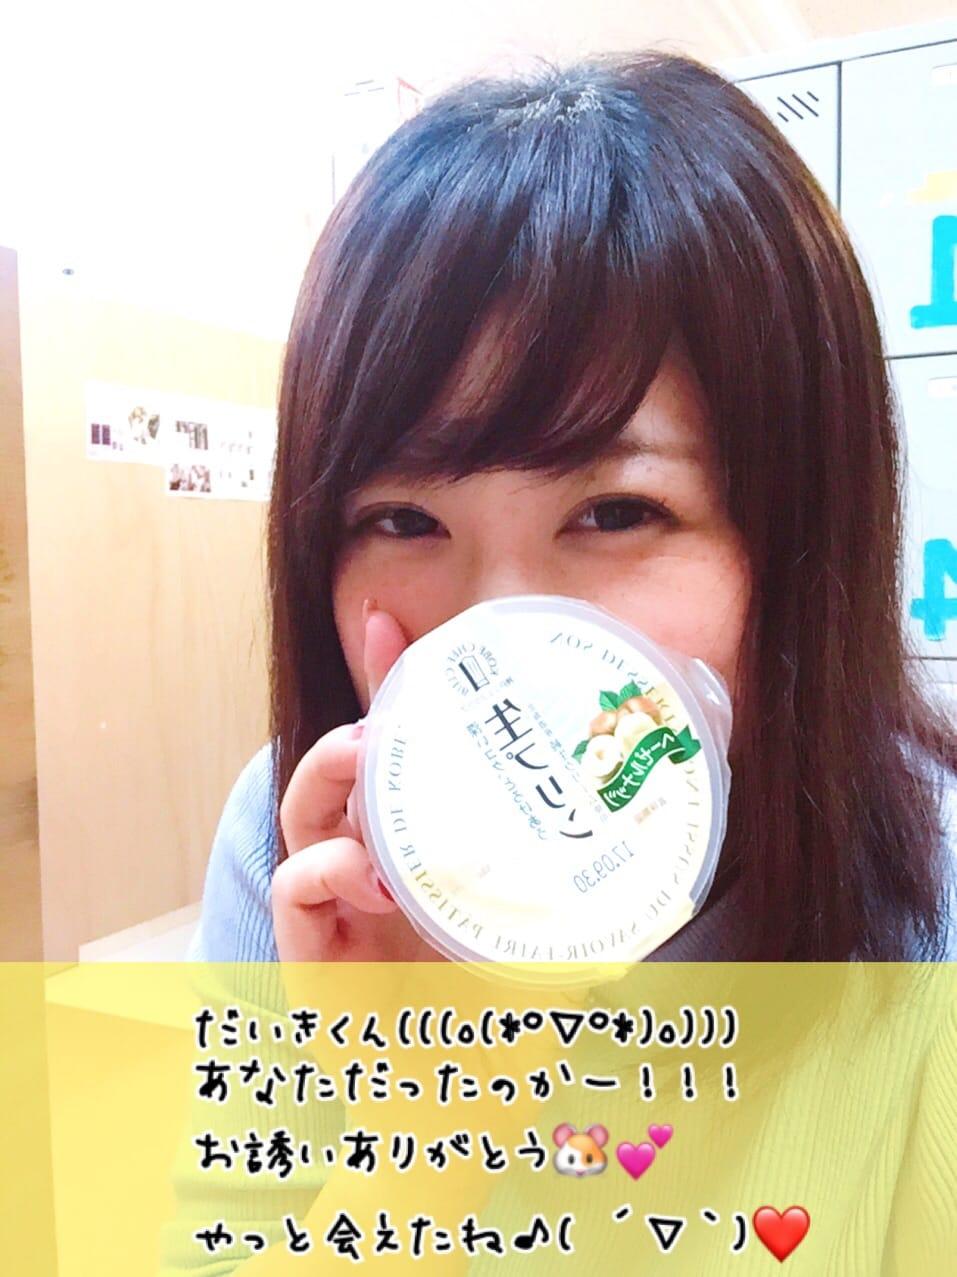 「9/19★ボンボヤージュのだいきくん♡」09/20(水) 05:15   ランの写メ・風俗動画